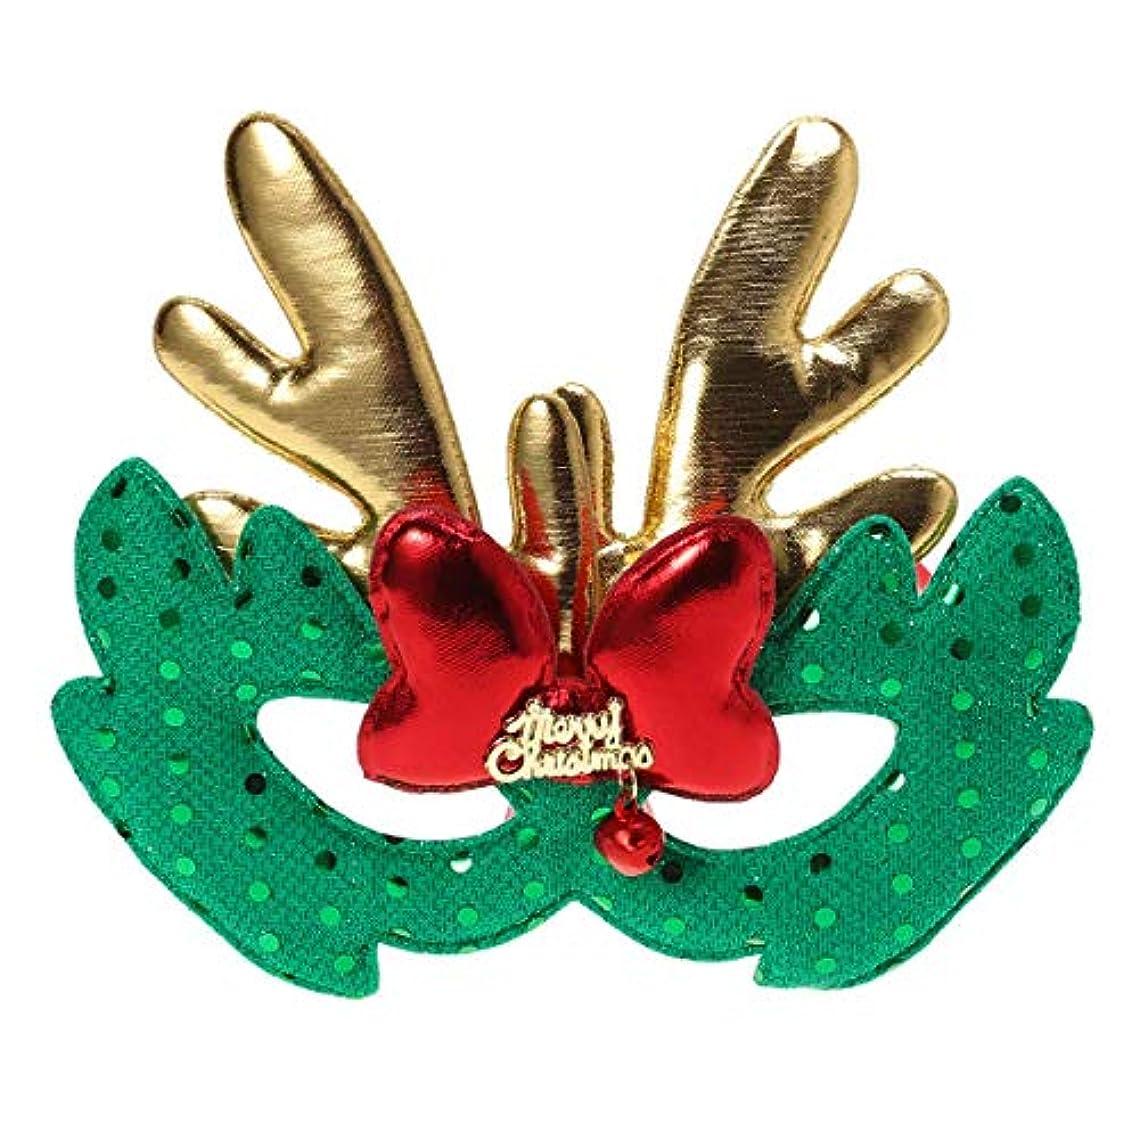 ブルゴーニュ害証明書BESTOYARD エルククリスマスコスチュームマスク布マスク子供大人コスプレクリスマスパーティーグリーン